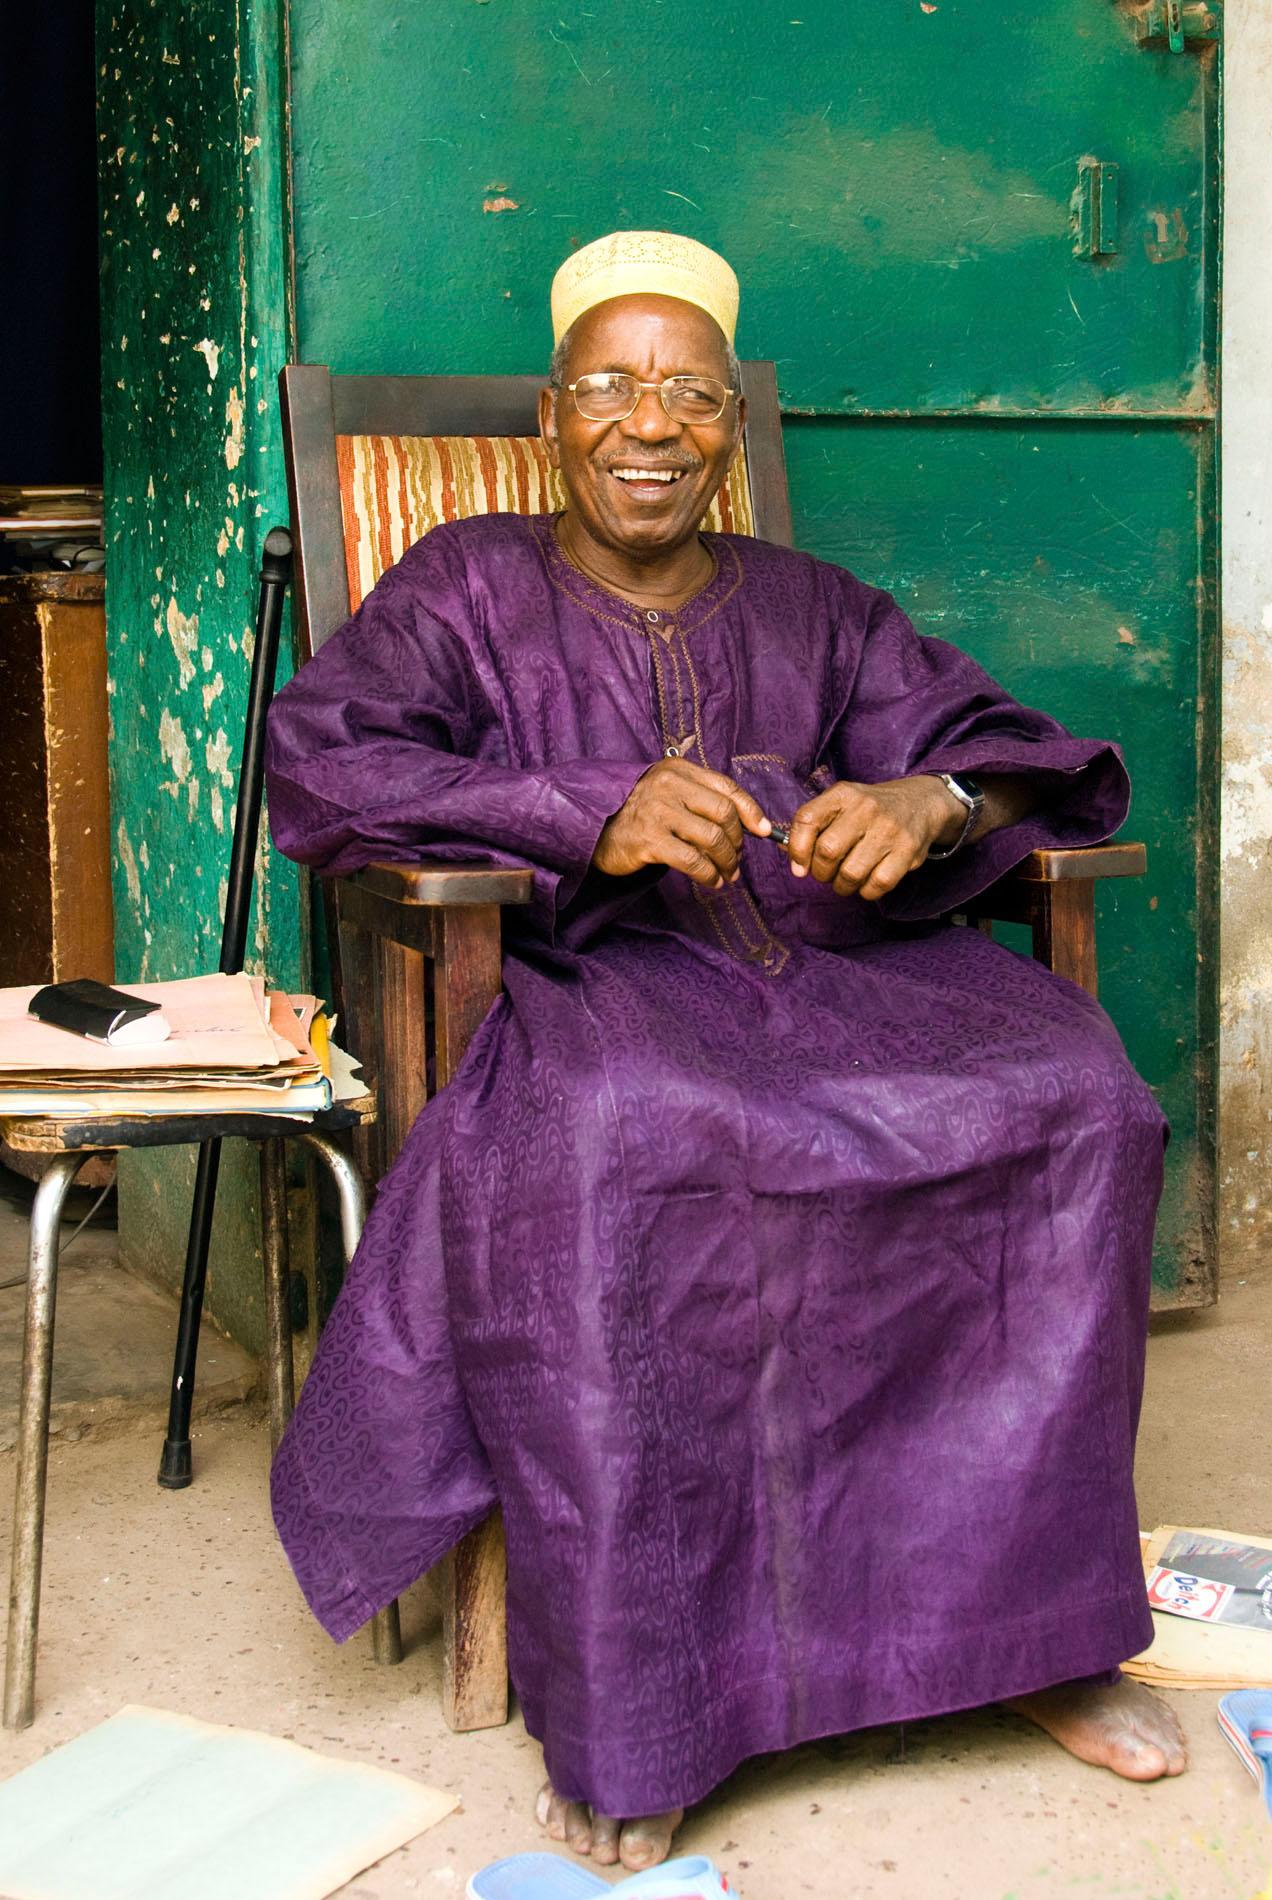 Malick-Sidibe-Photographer-Bagadadji-Studio-Bamako-Mali-0115-1